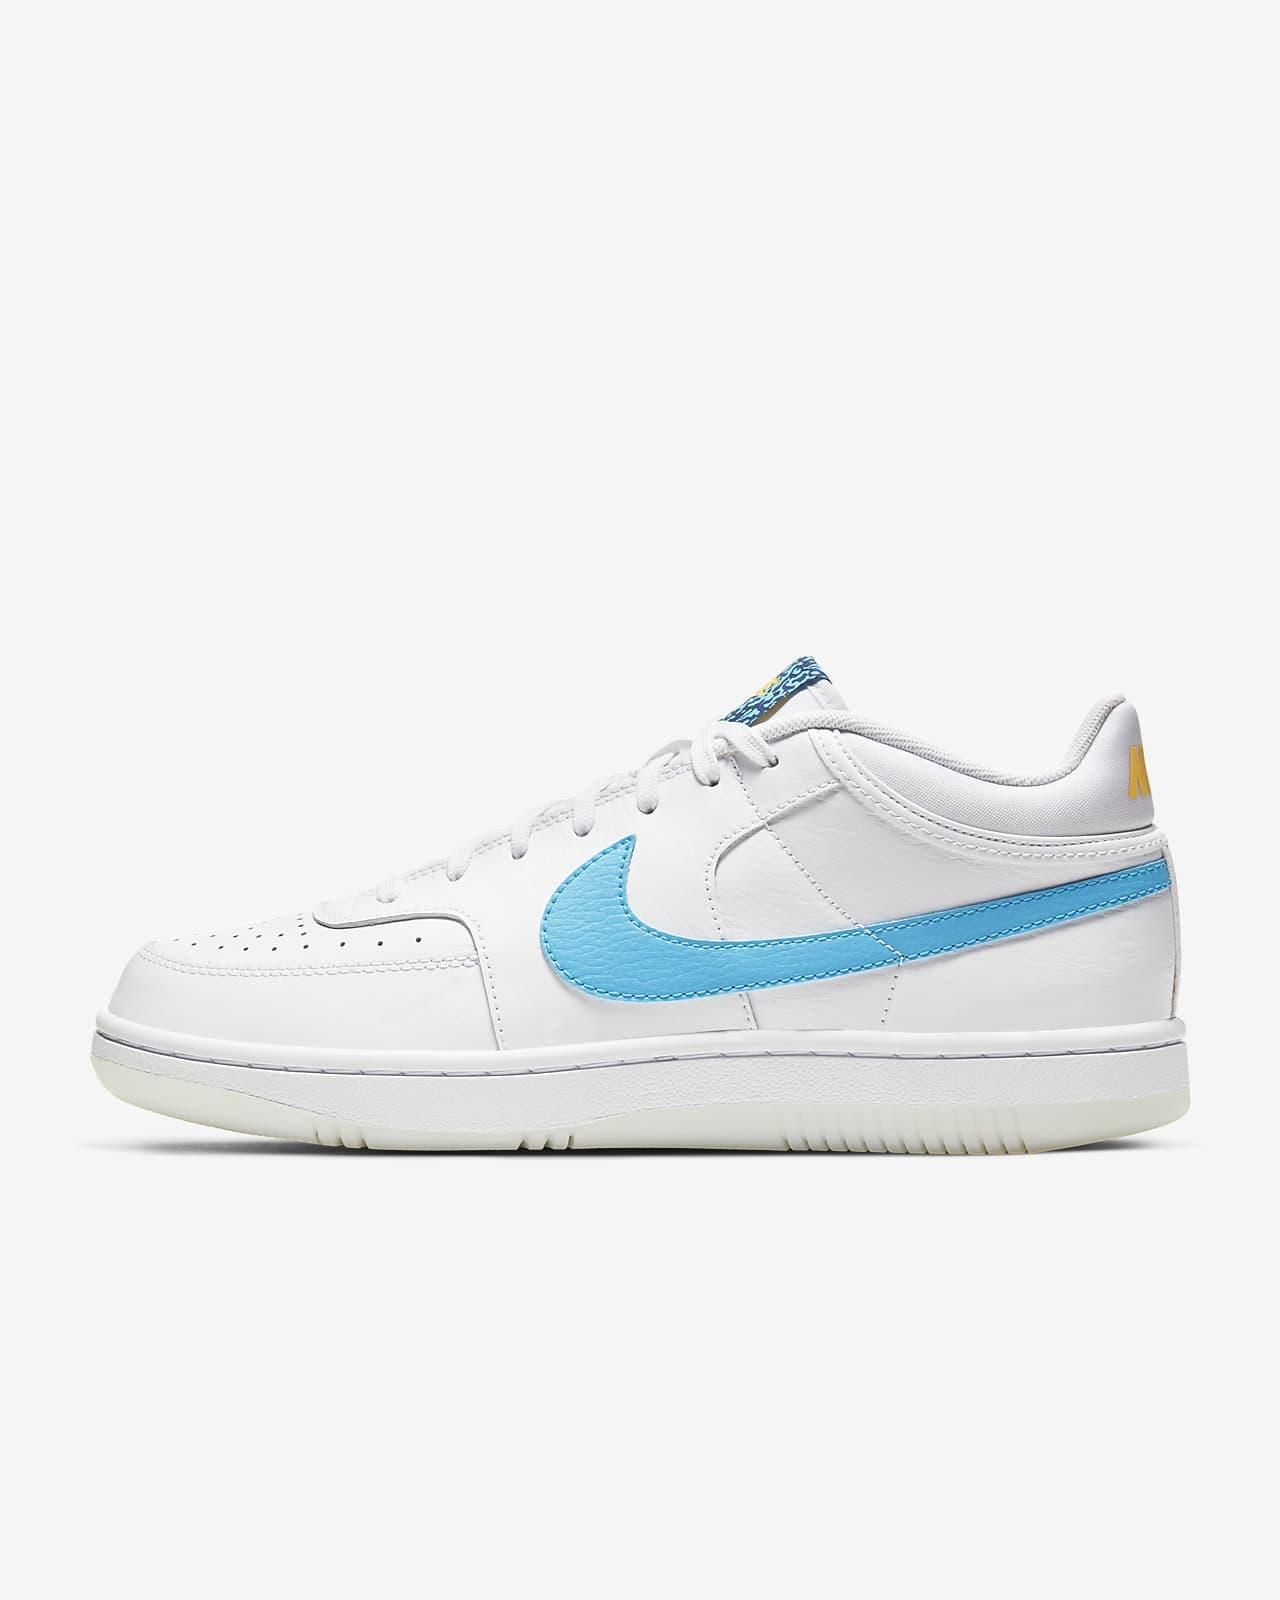 Nike Sky Force 3/4 Men's Shoe